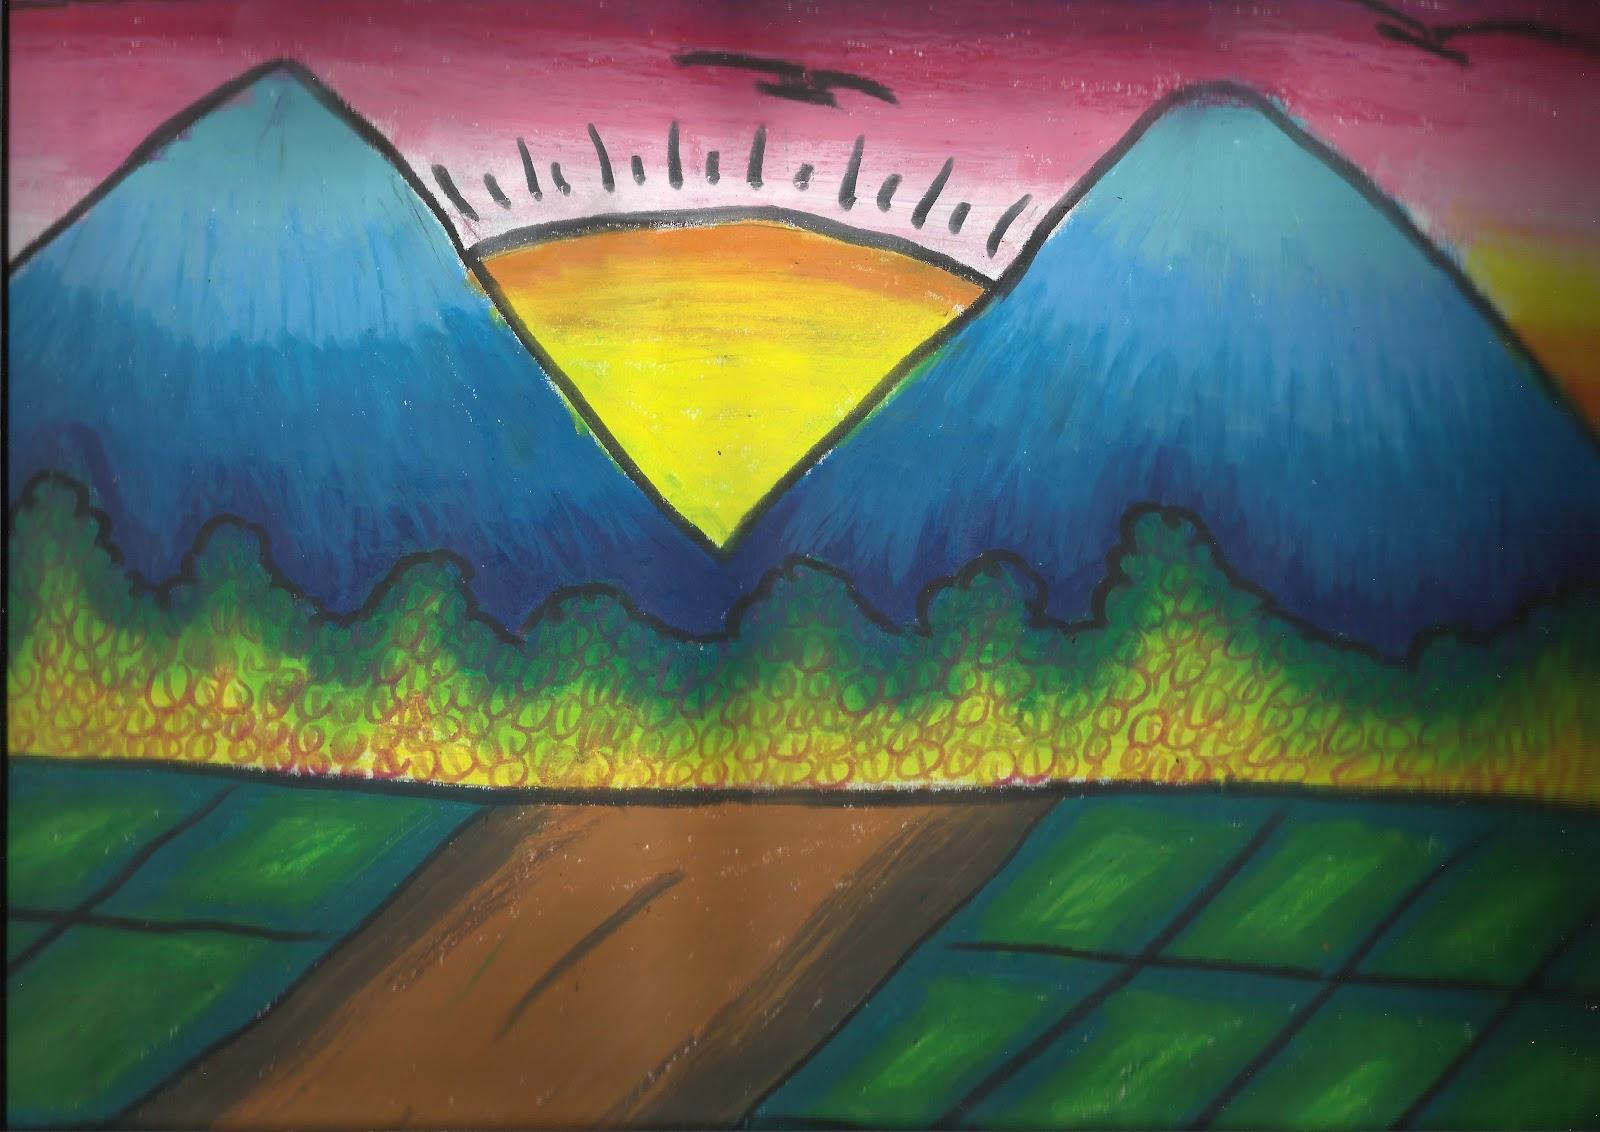 Ketika Diminta Untuk Menggambar Pemandangan Kenapa Sebagian Besar Orang Menggambar 2 Bukit Dengan Matahari Di Antaranya Sungai Di Bawahnya 2 Pohon Dan Sebuah Rumah Galena